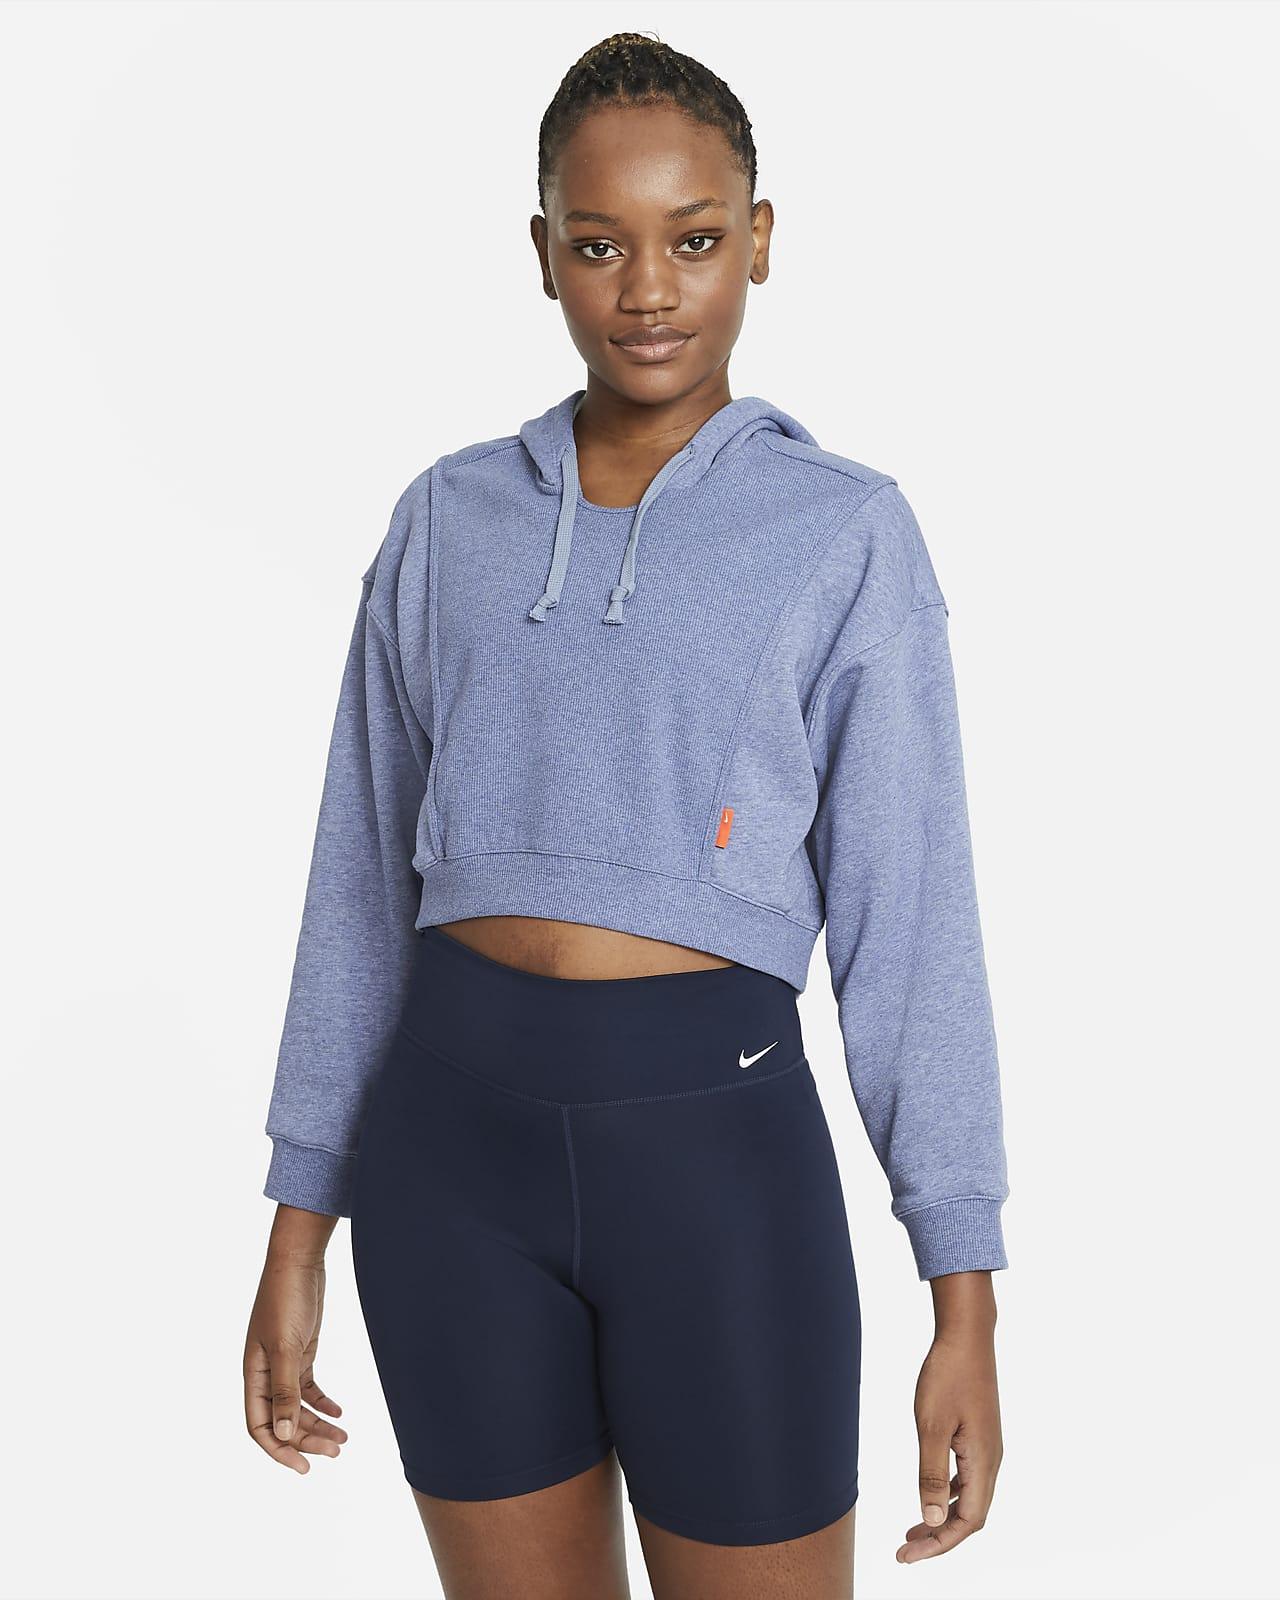 Nike Dri-FIT kort treningshettegenser i fleece til dame